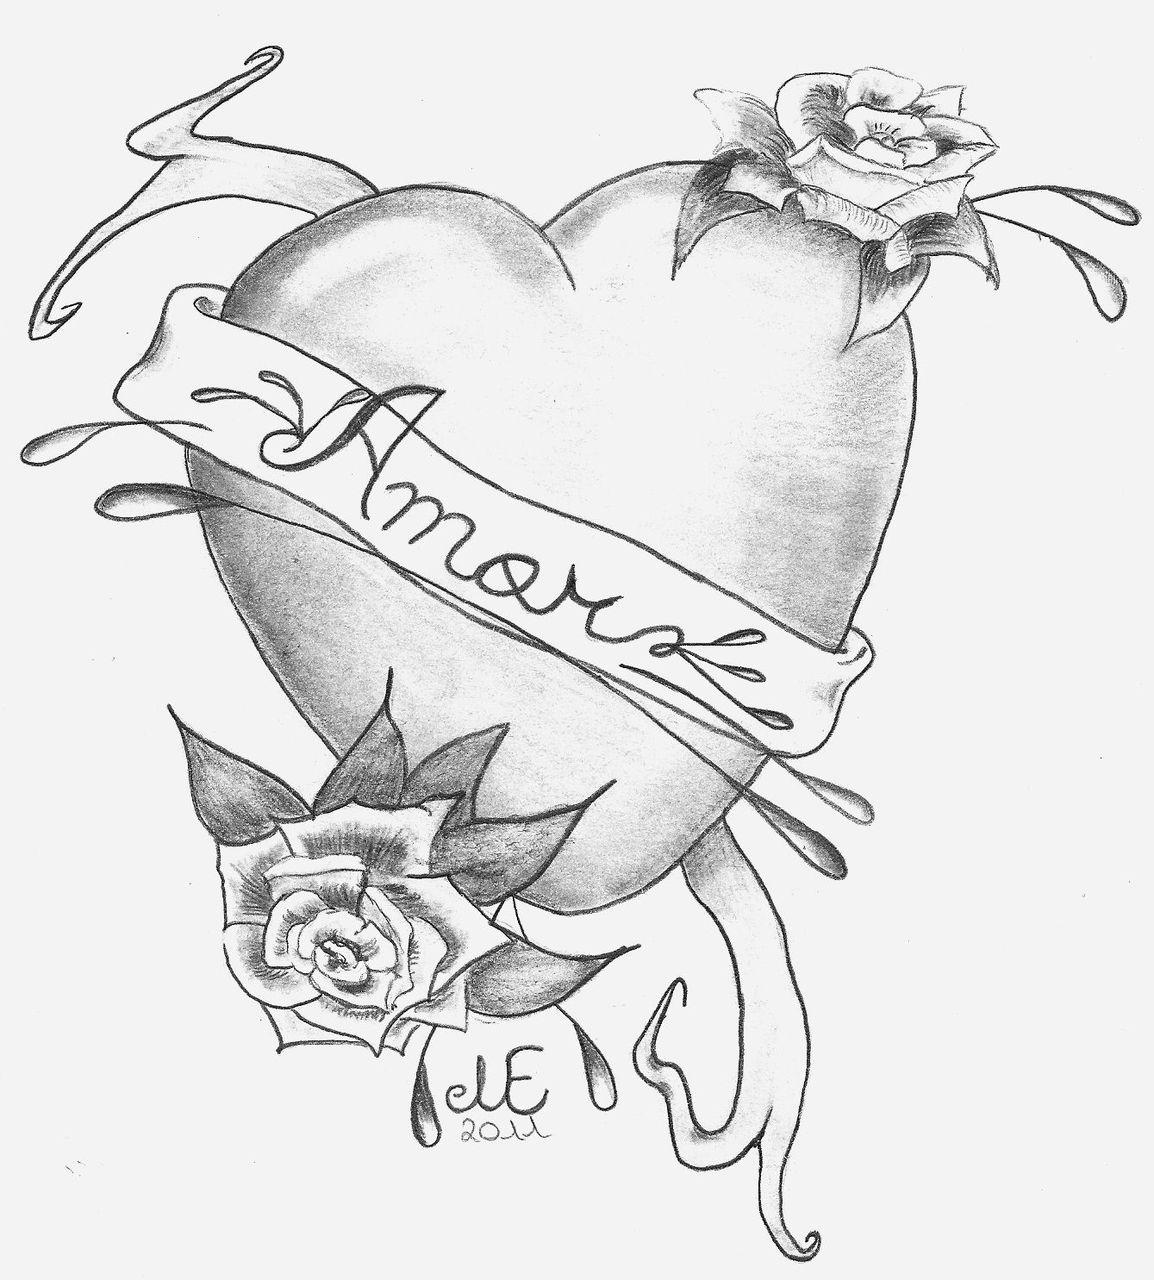 amor  bleistiftzeichnung herz malerei amor von manuela